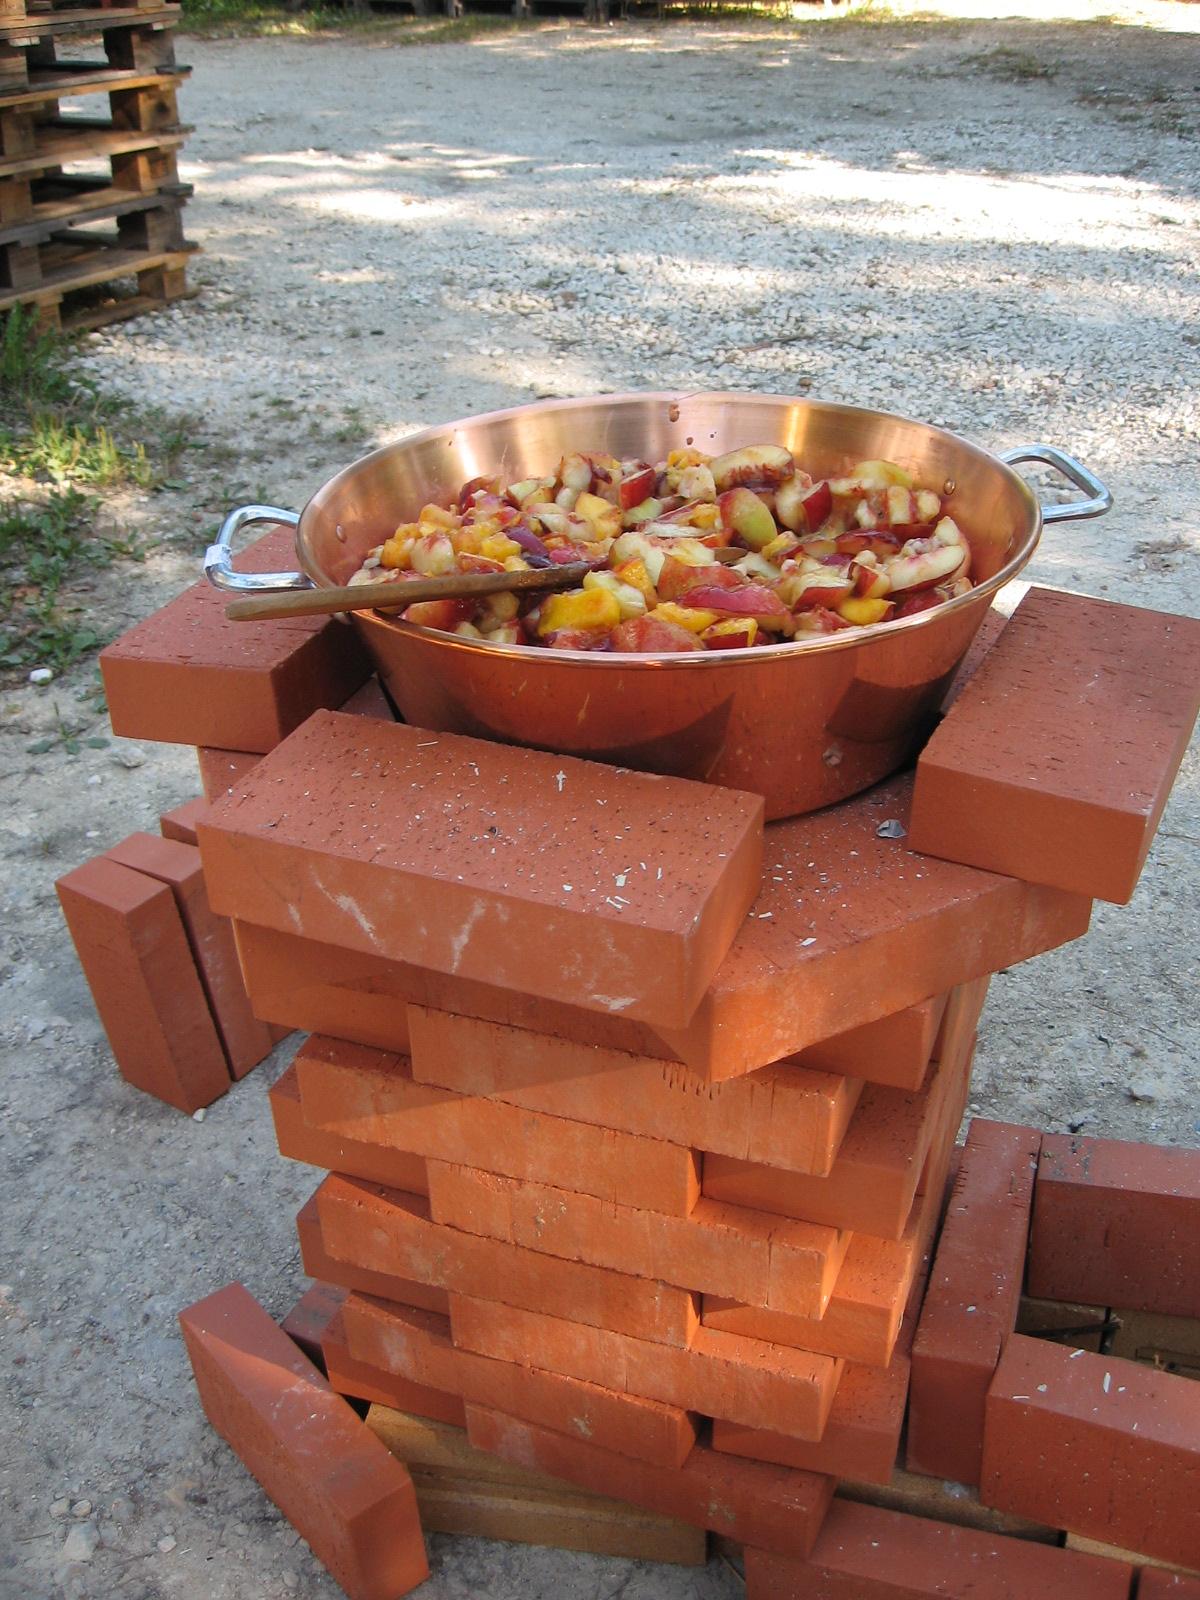 dr le de terre pour un potager confiture au feu de bois. Black Bedroom Furniture Sets. Home Design Ideas